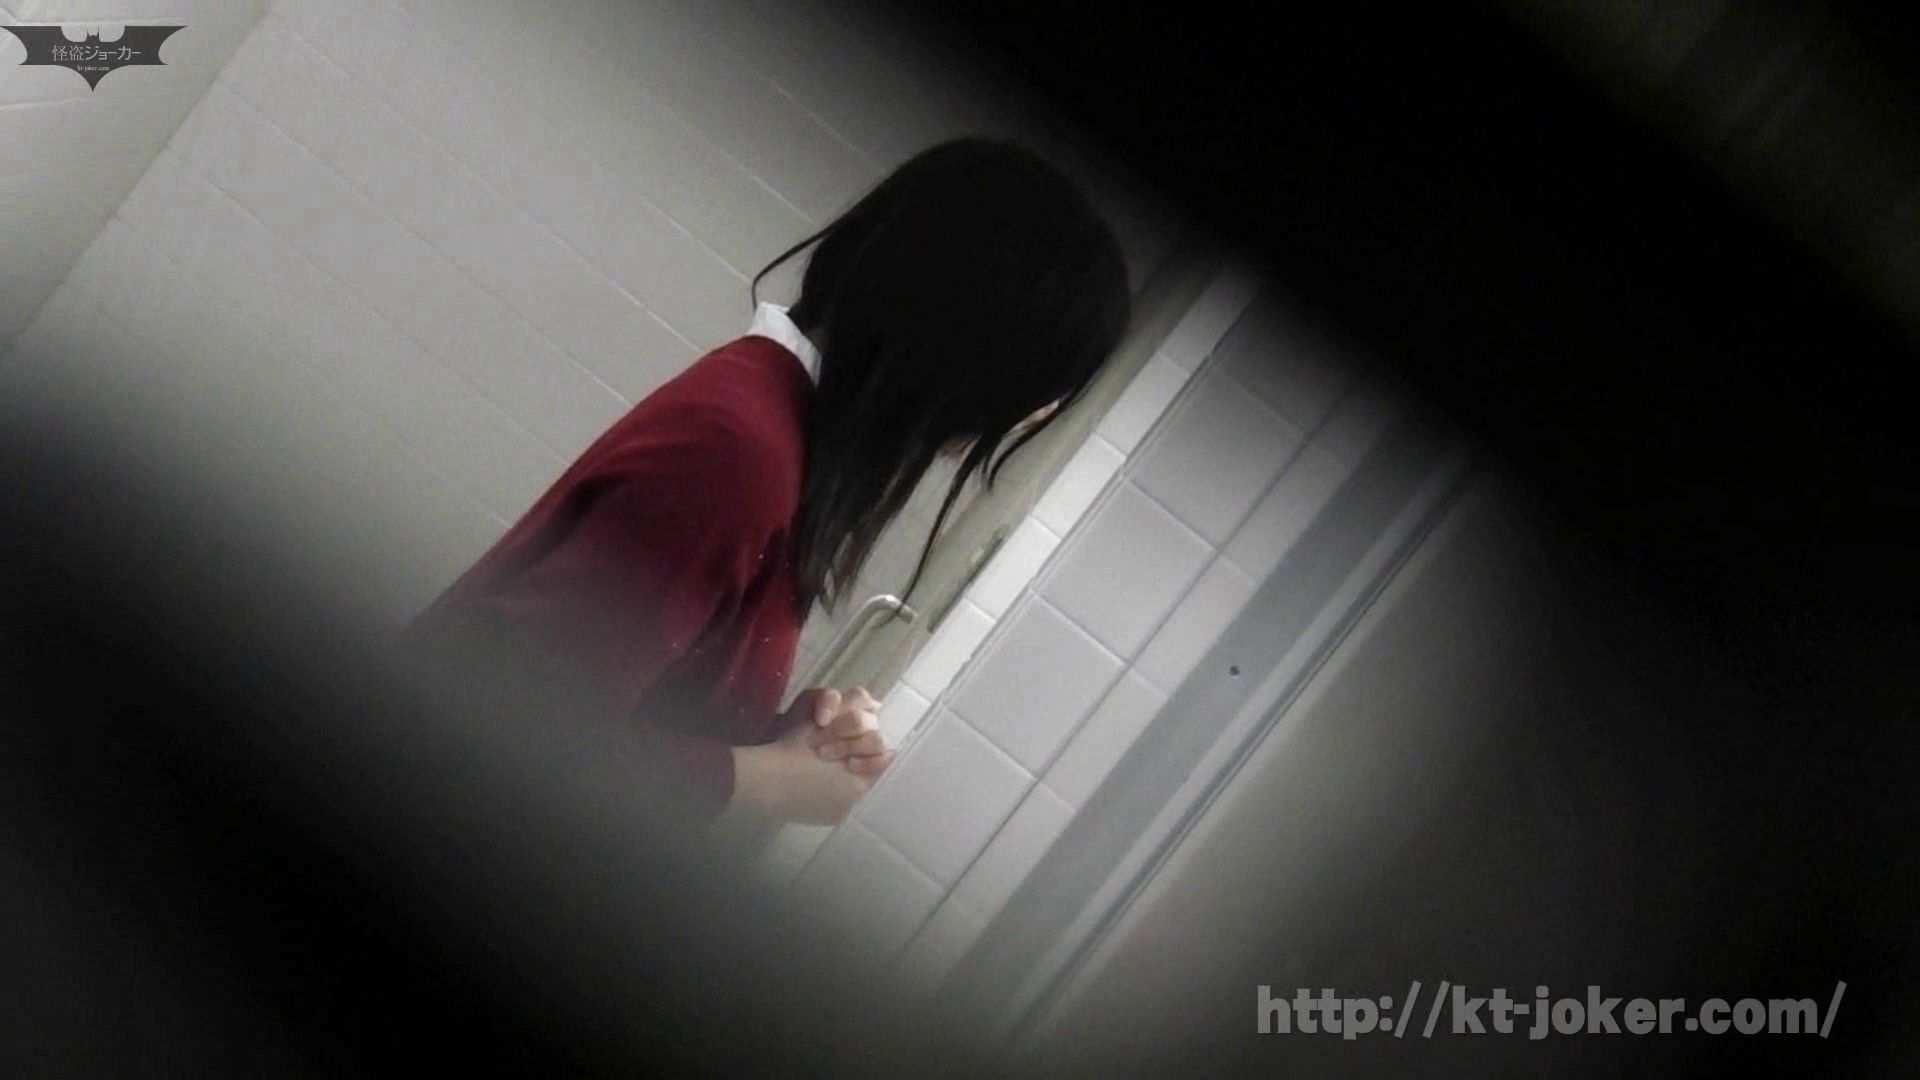 命がけ潜伏洗面所! vol.56 ピンチ!!「鏡の前で祈る女性」にばれる危機 洗面所はめどり | プライベート  57画像 7